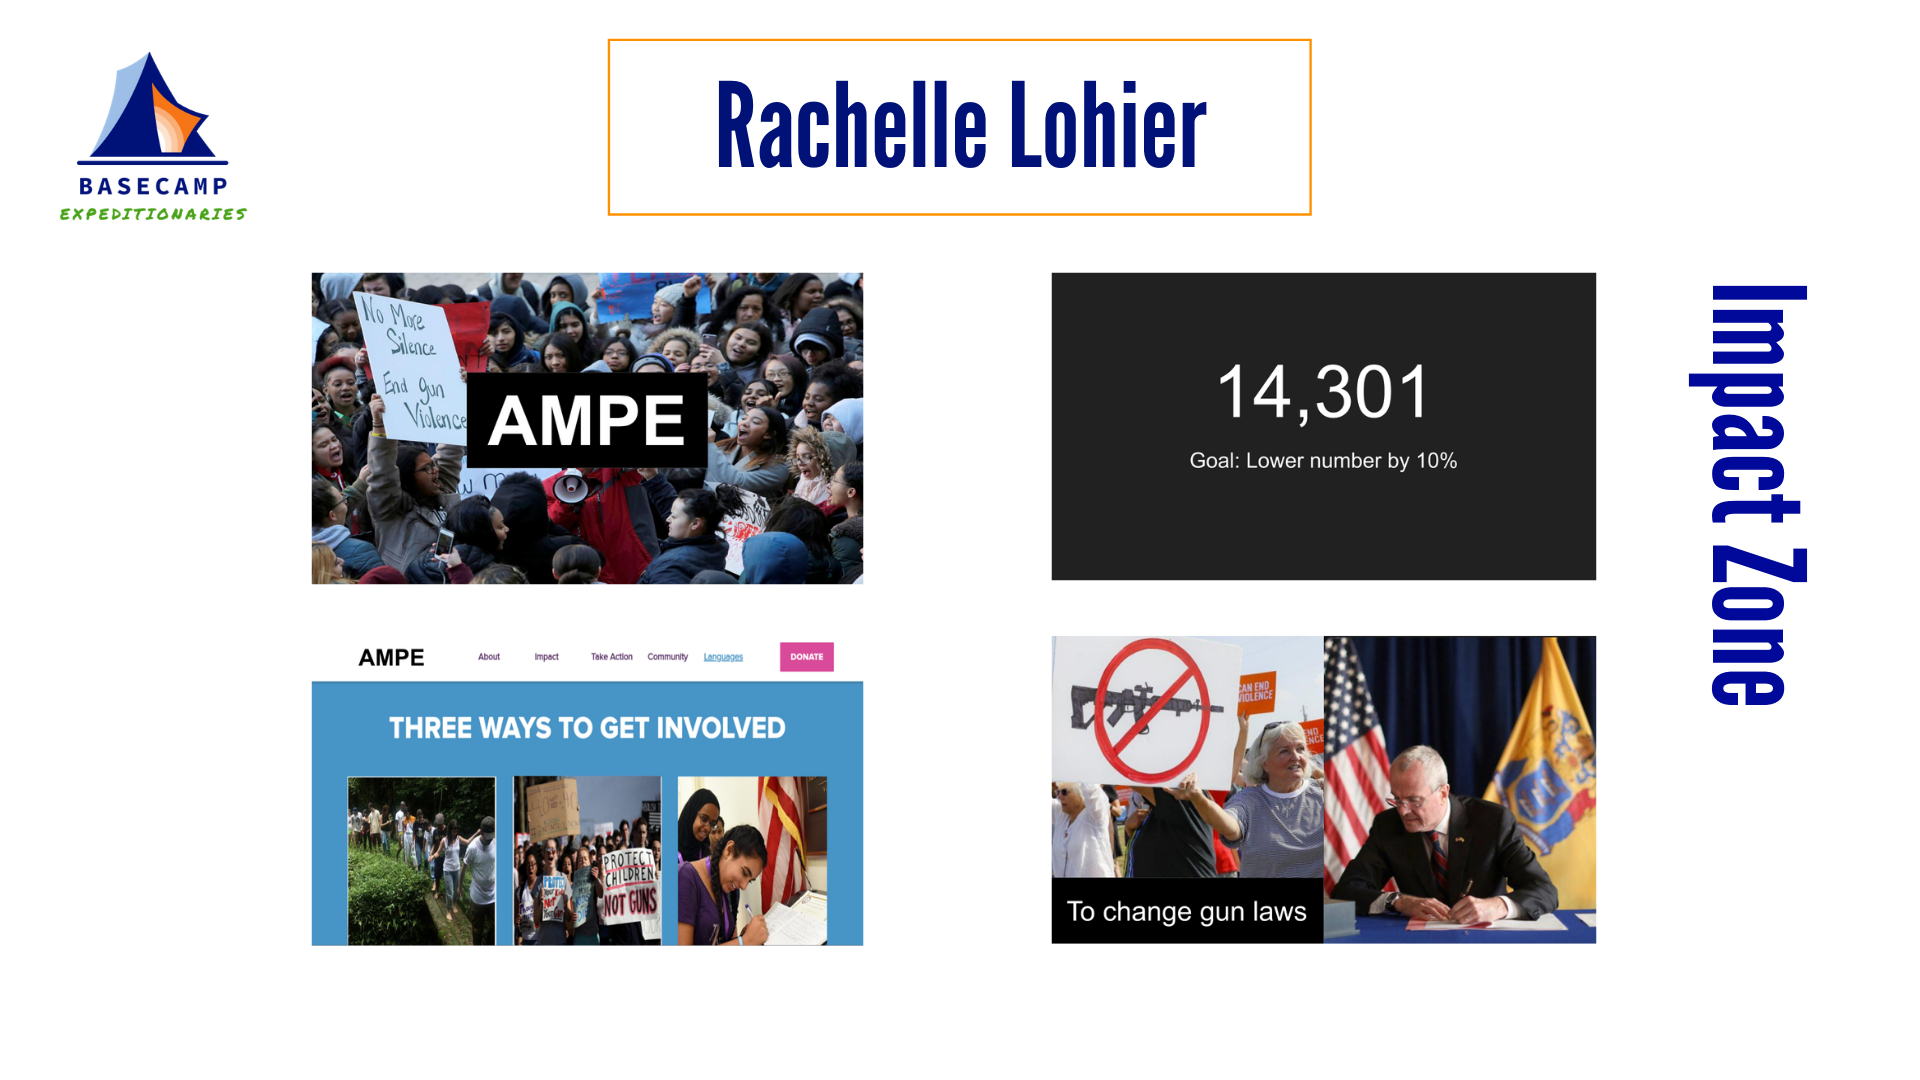 Lohier, Rachelle--impact.png